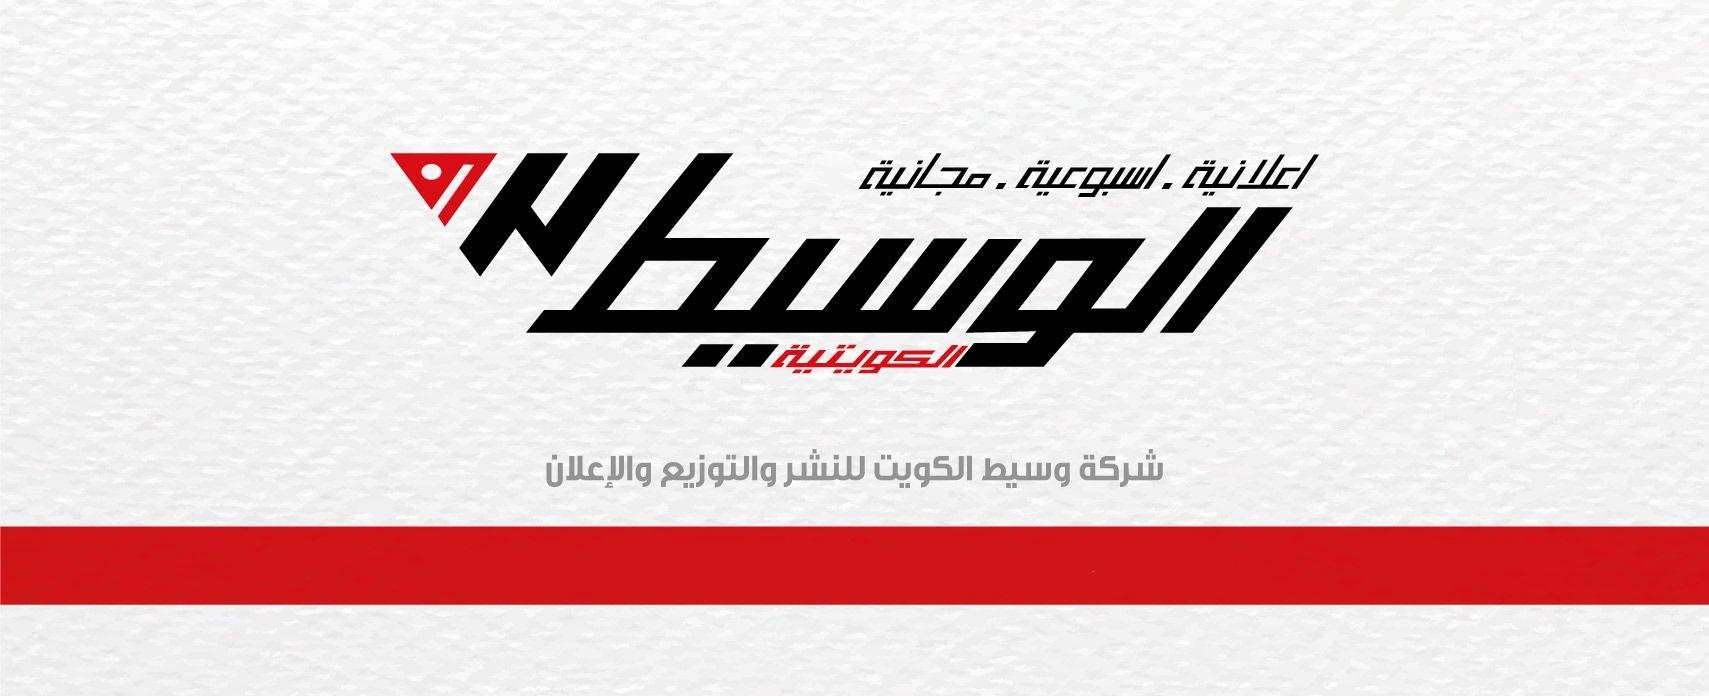 وظائف جريدة الوسيط الكويتية الثلاثاء 27/4/2021  waseet Newspaper jobs in kuwait